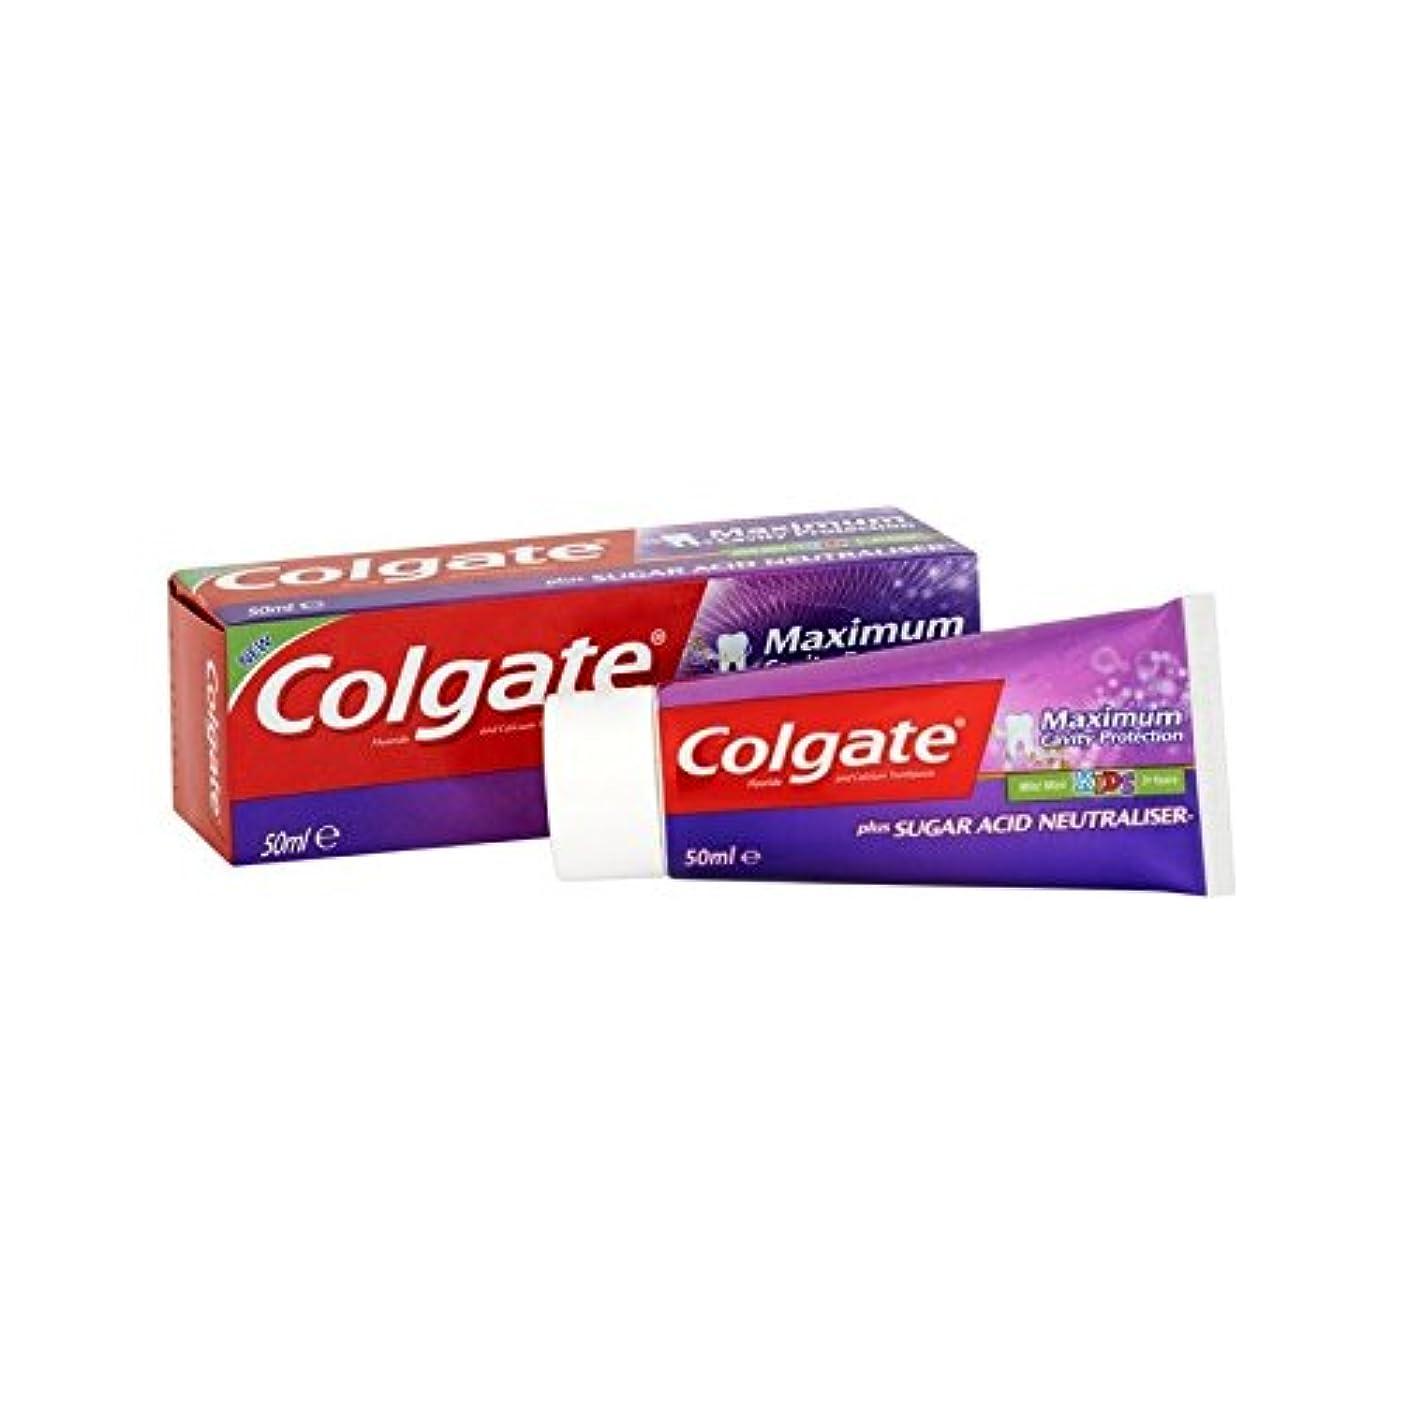 心理的にヒューム心理的に最大空洞の子供の50ミリリットルを保護 (Colgate) - Colgate Maximum Cavity Protect Kids 50ml [並行輸入品]